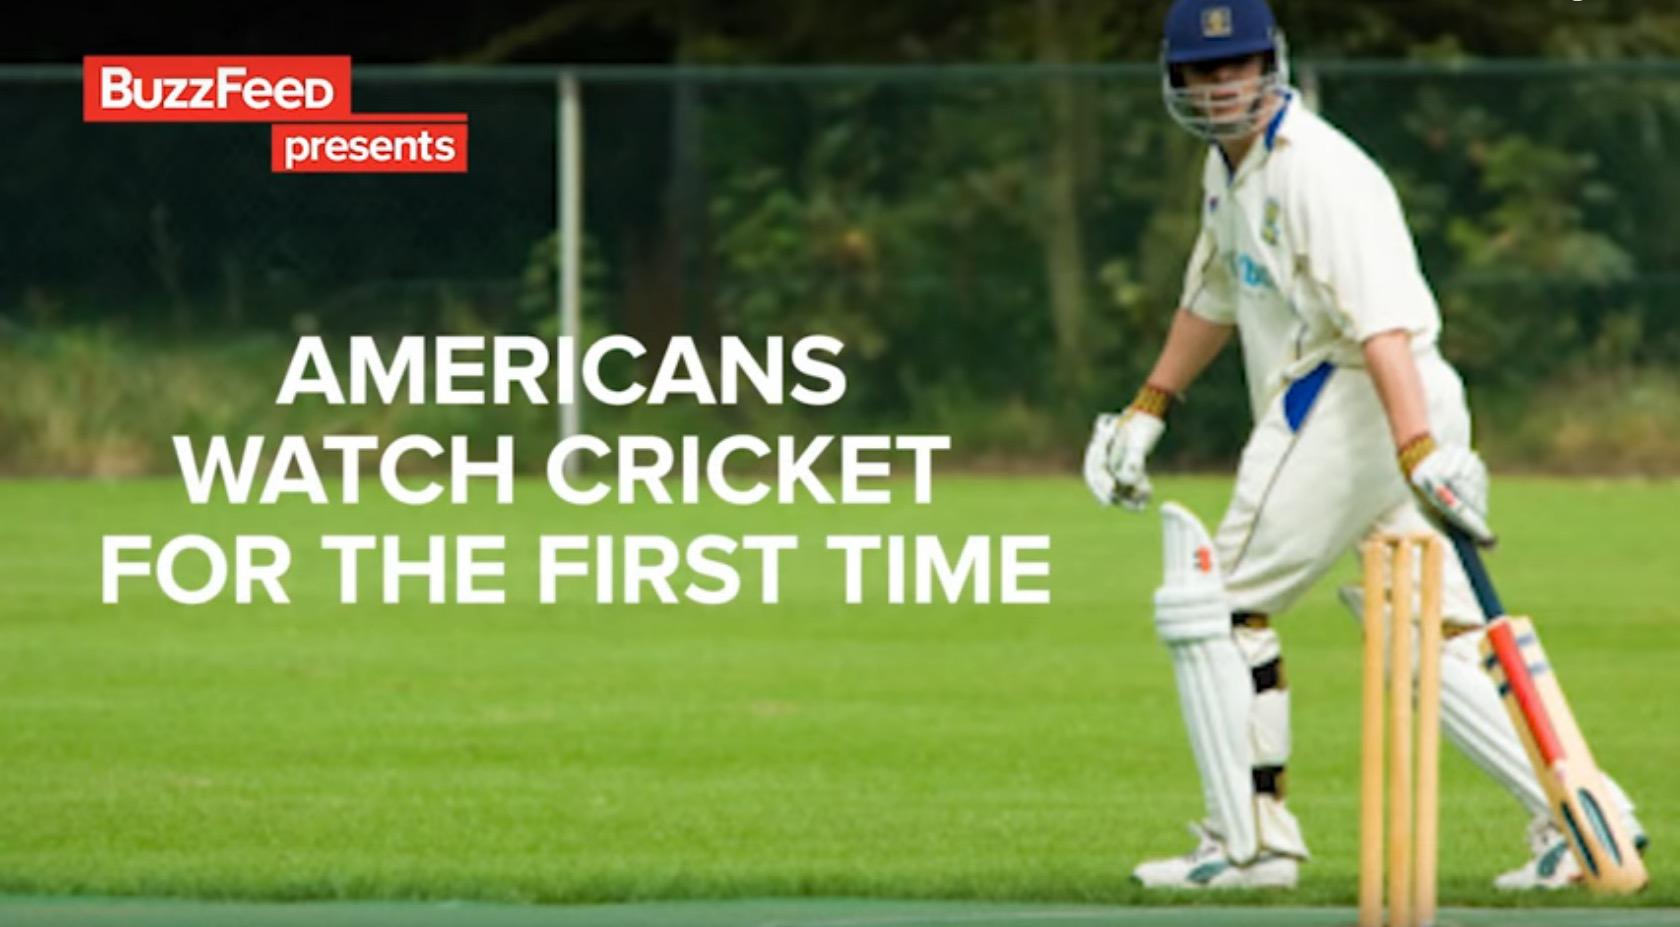 deportes más populares y el críquet